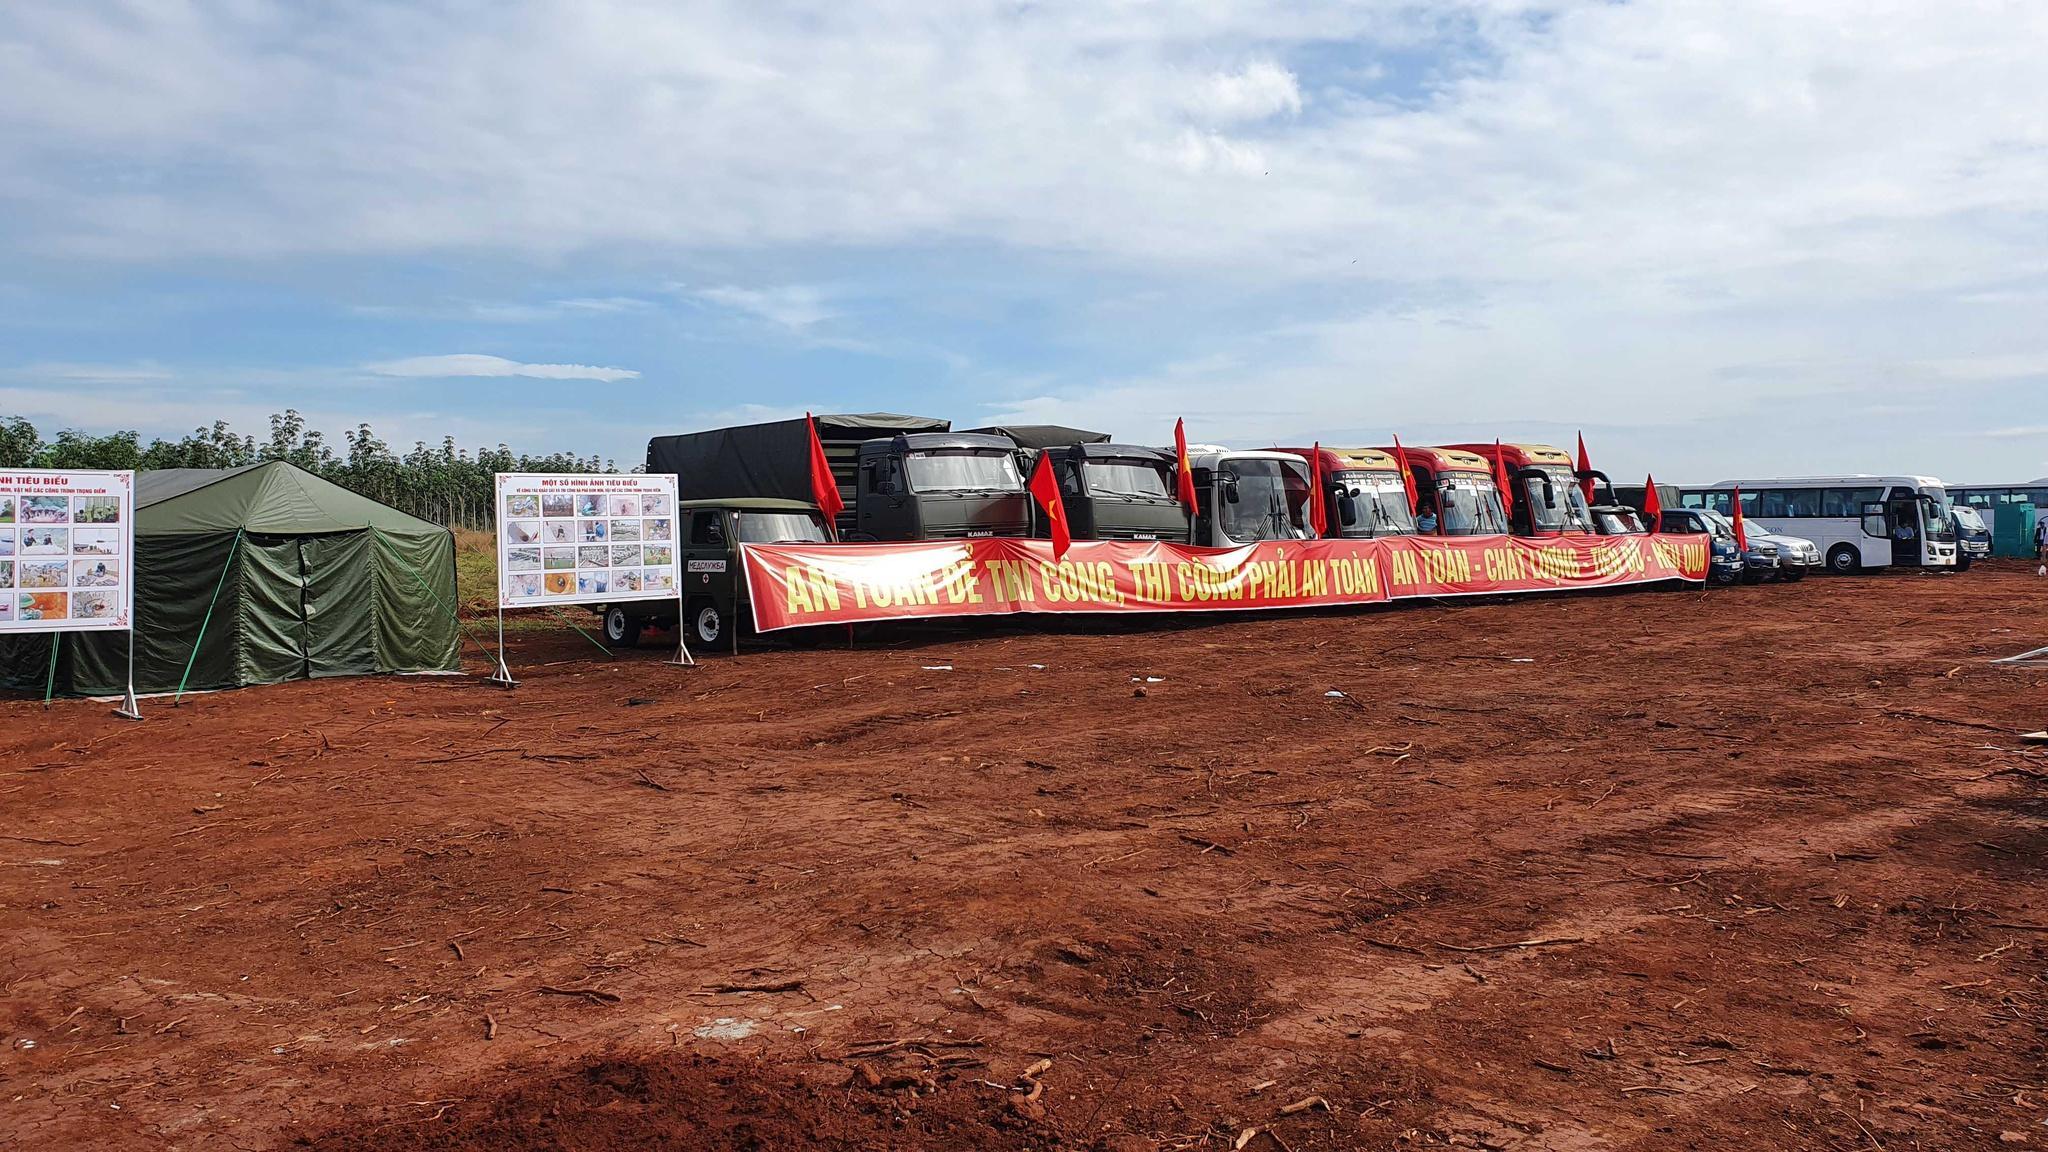 Chính thức khởi công nhà ga hành khách sân bay quốc tế Long Thành Quý I 2022